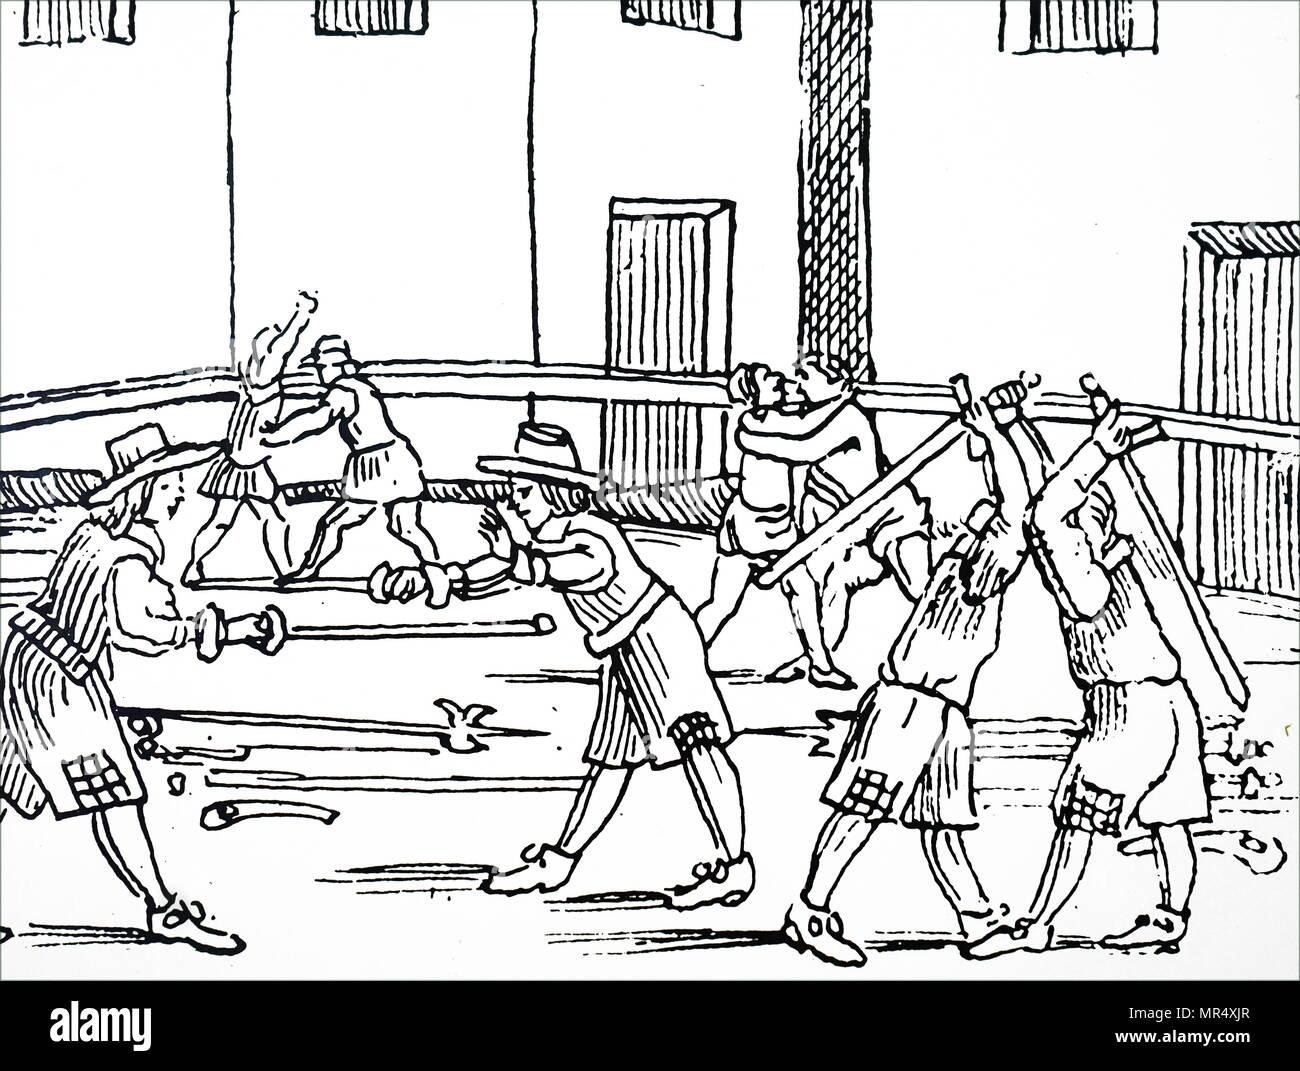 Impresión en xilografía representando la práctica de esgrima. Fecha del siglo XVI. Imagen De Stock